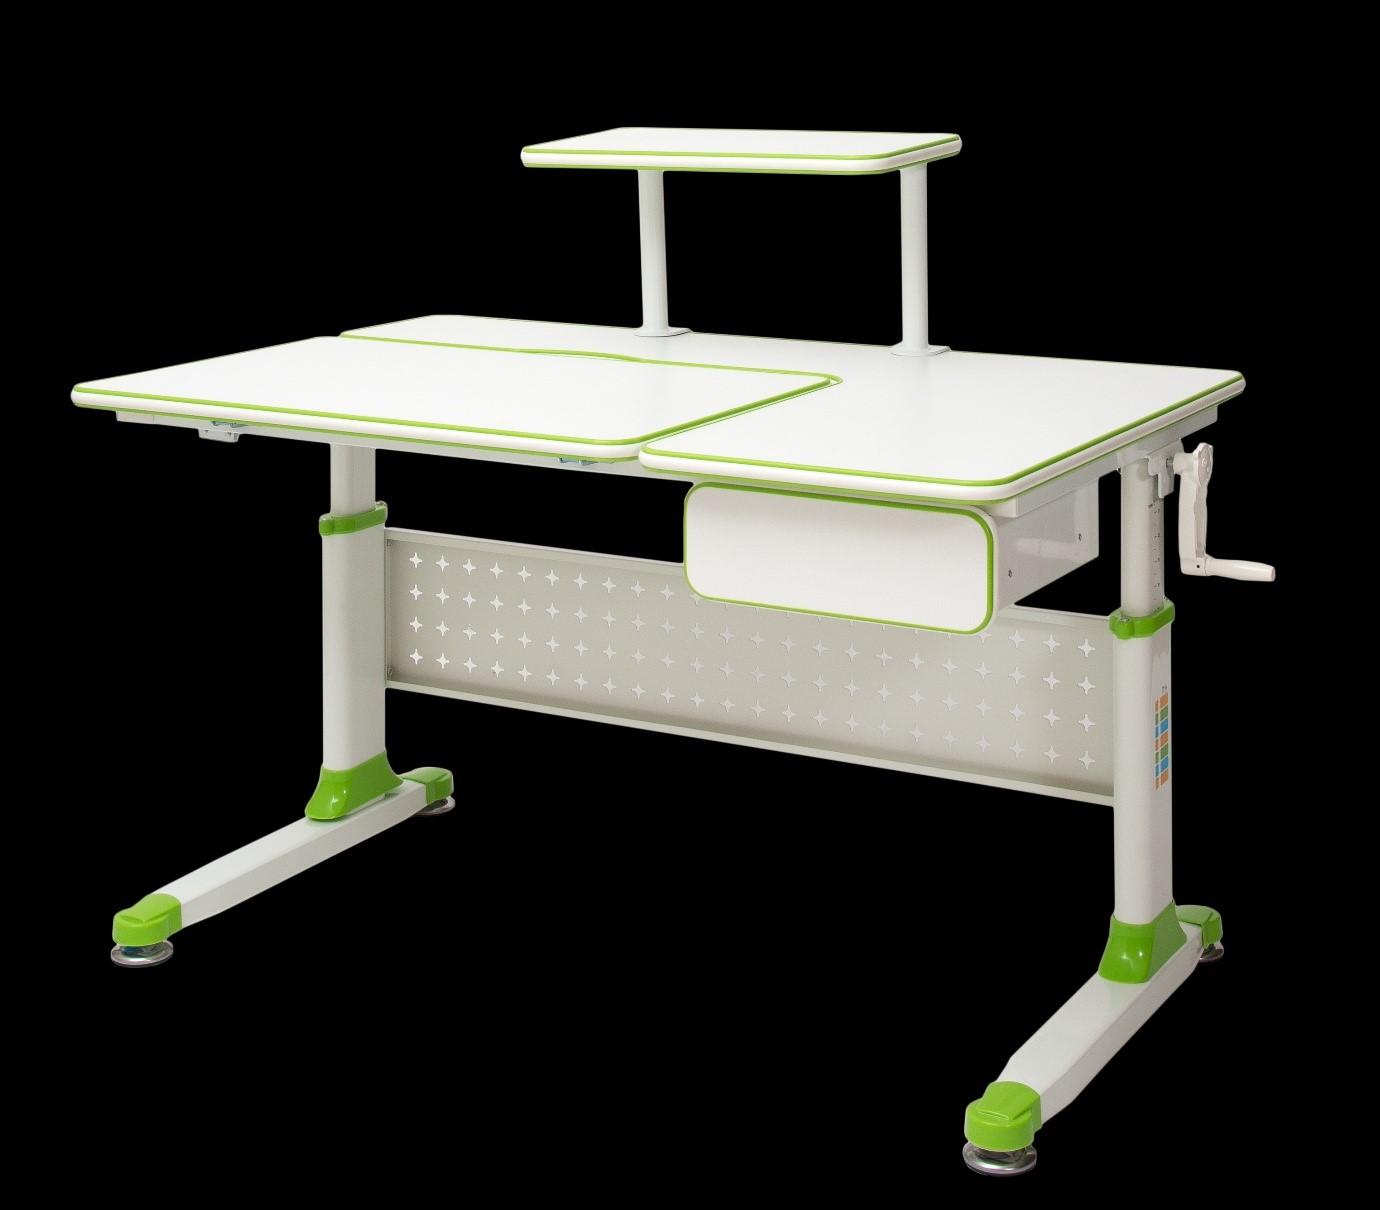 Разновидности и особенности детских столов, которые регулируются по высоте